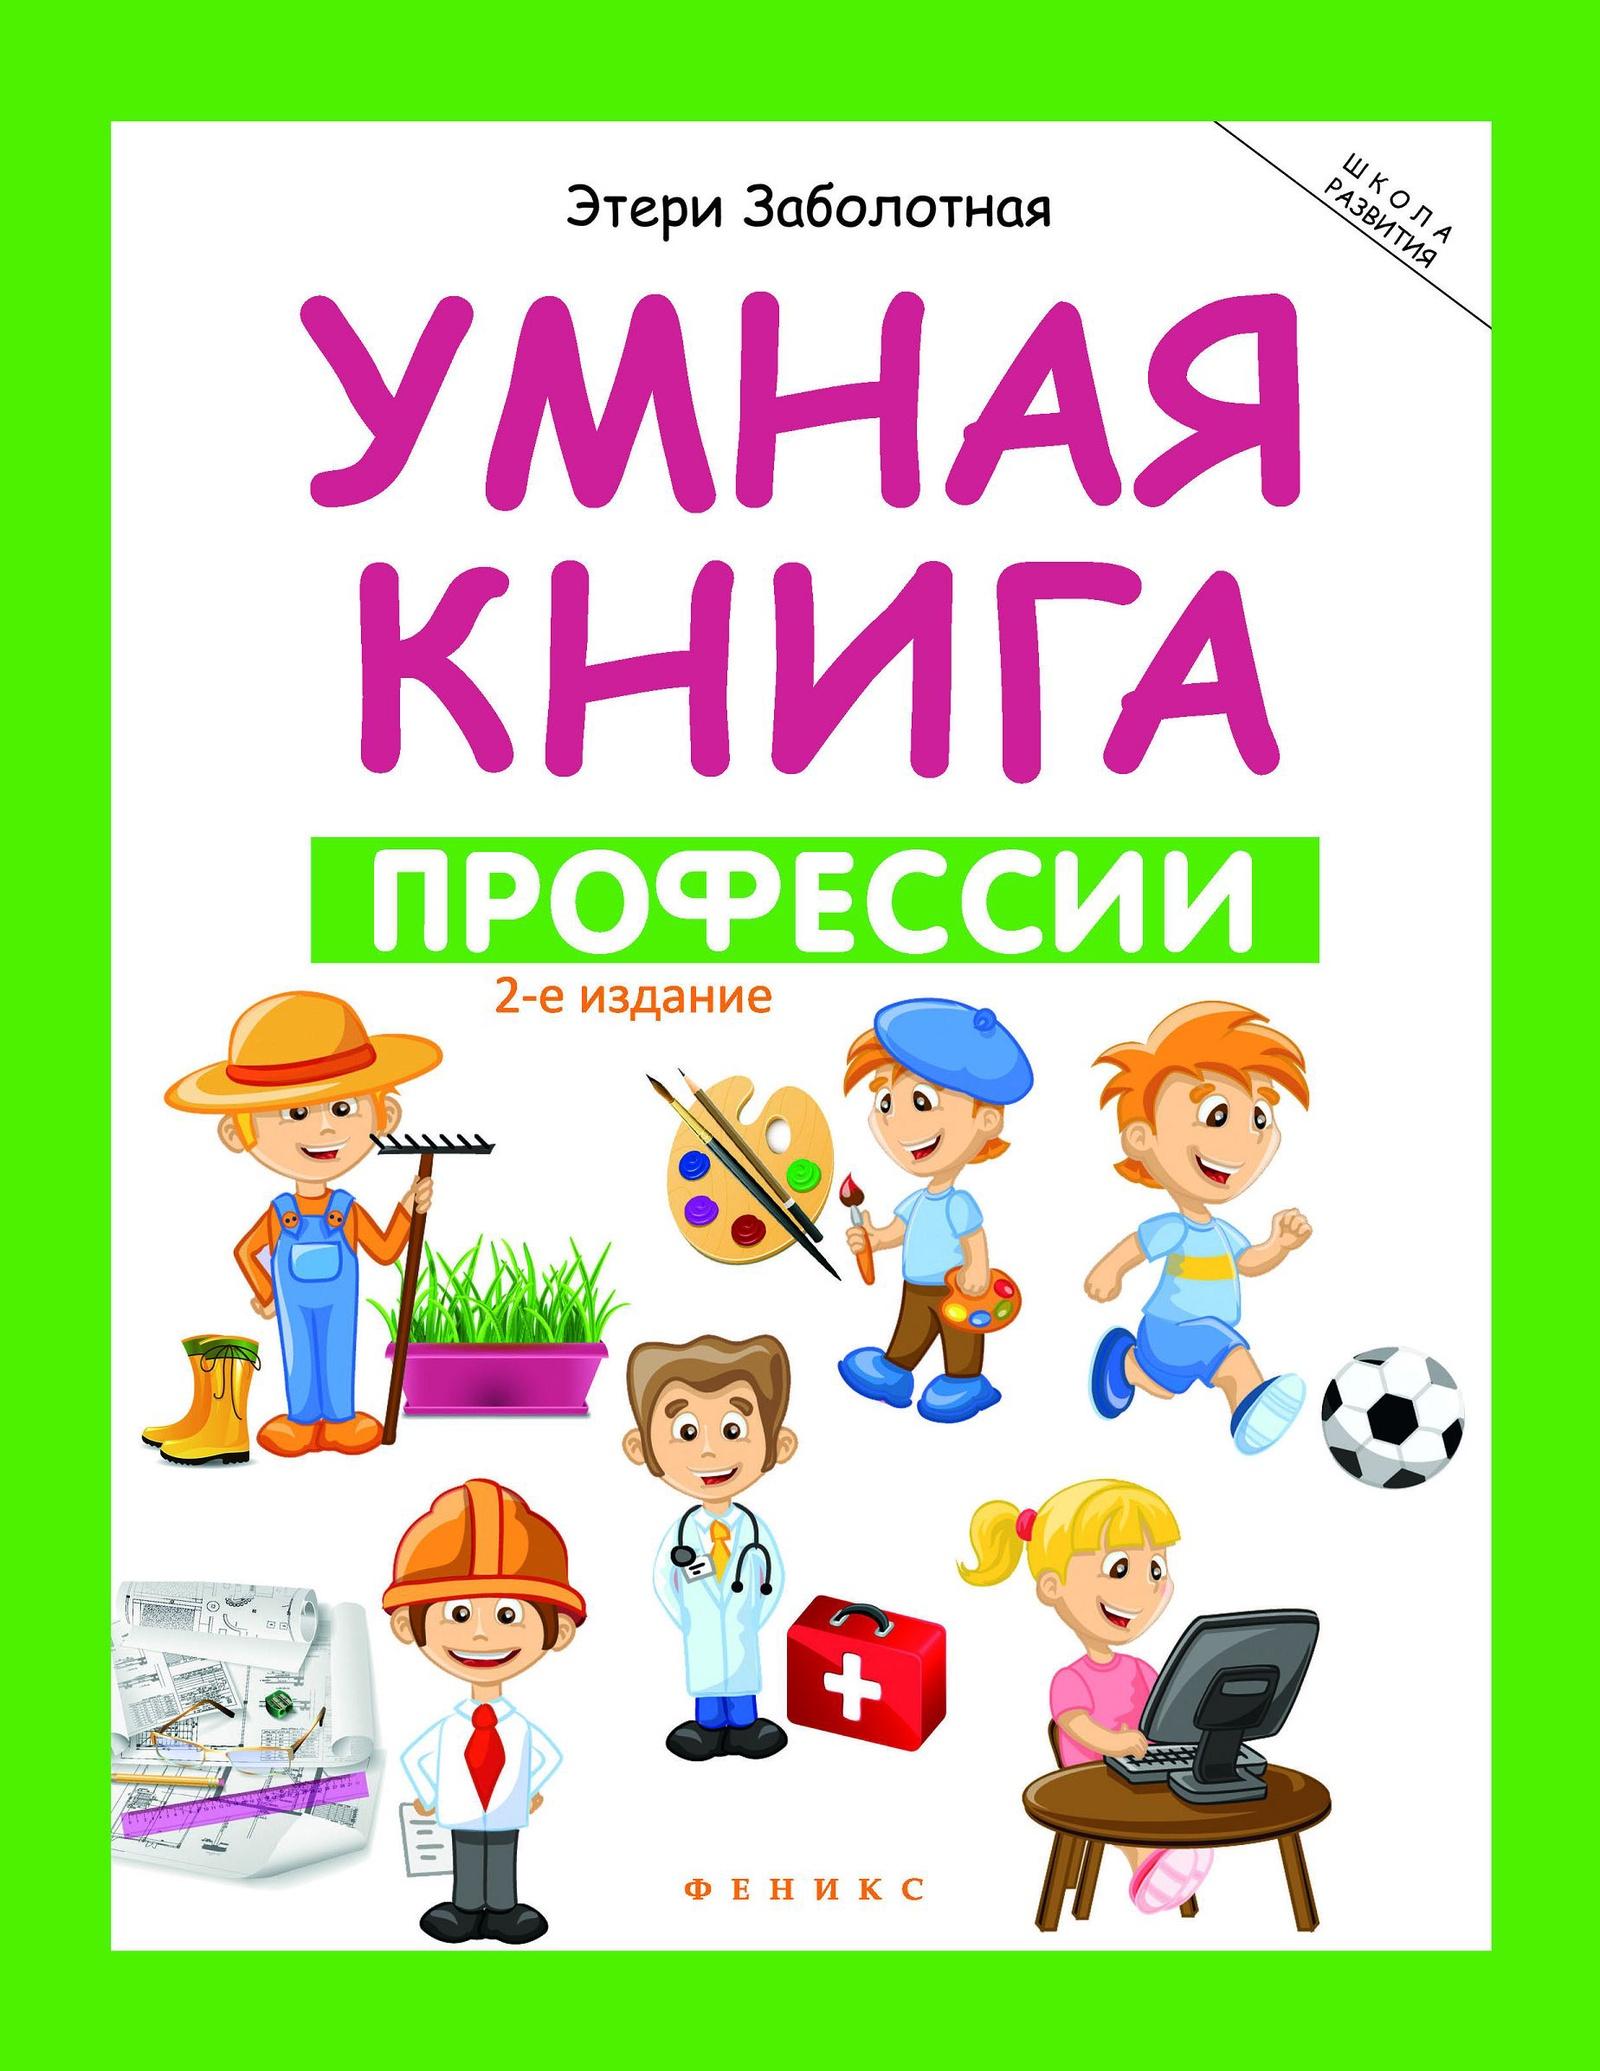 Умная книга: профессии. - Изд. 2-е Феникс